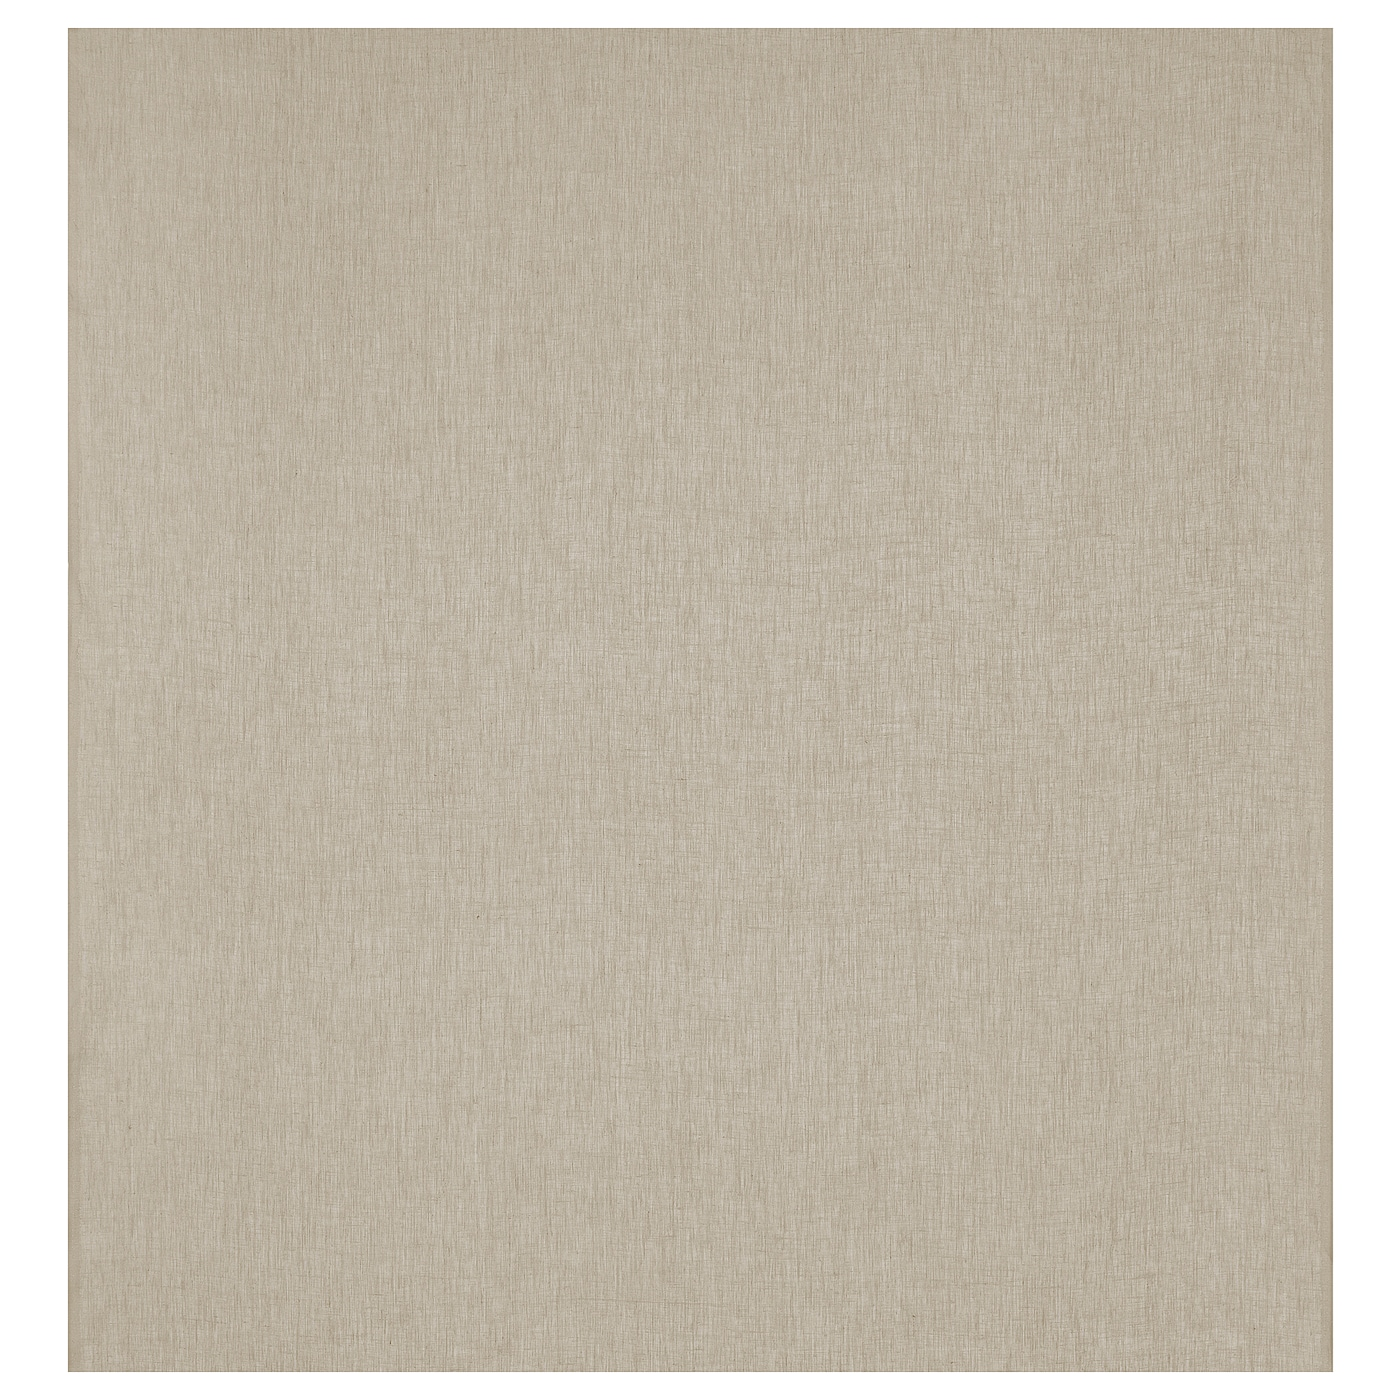 ikea aina stof linnen geeft de stof een natuurlijk onregelmatig oppervlak dat stevig aanvoelt